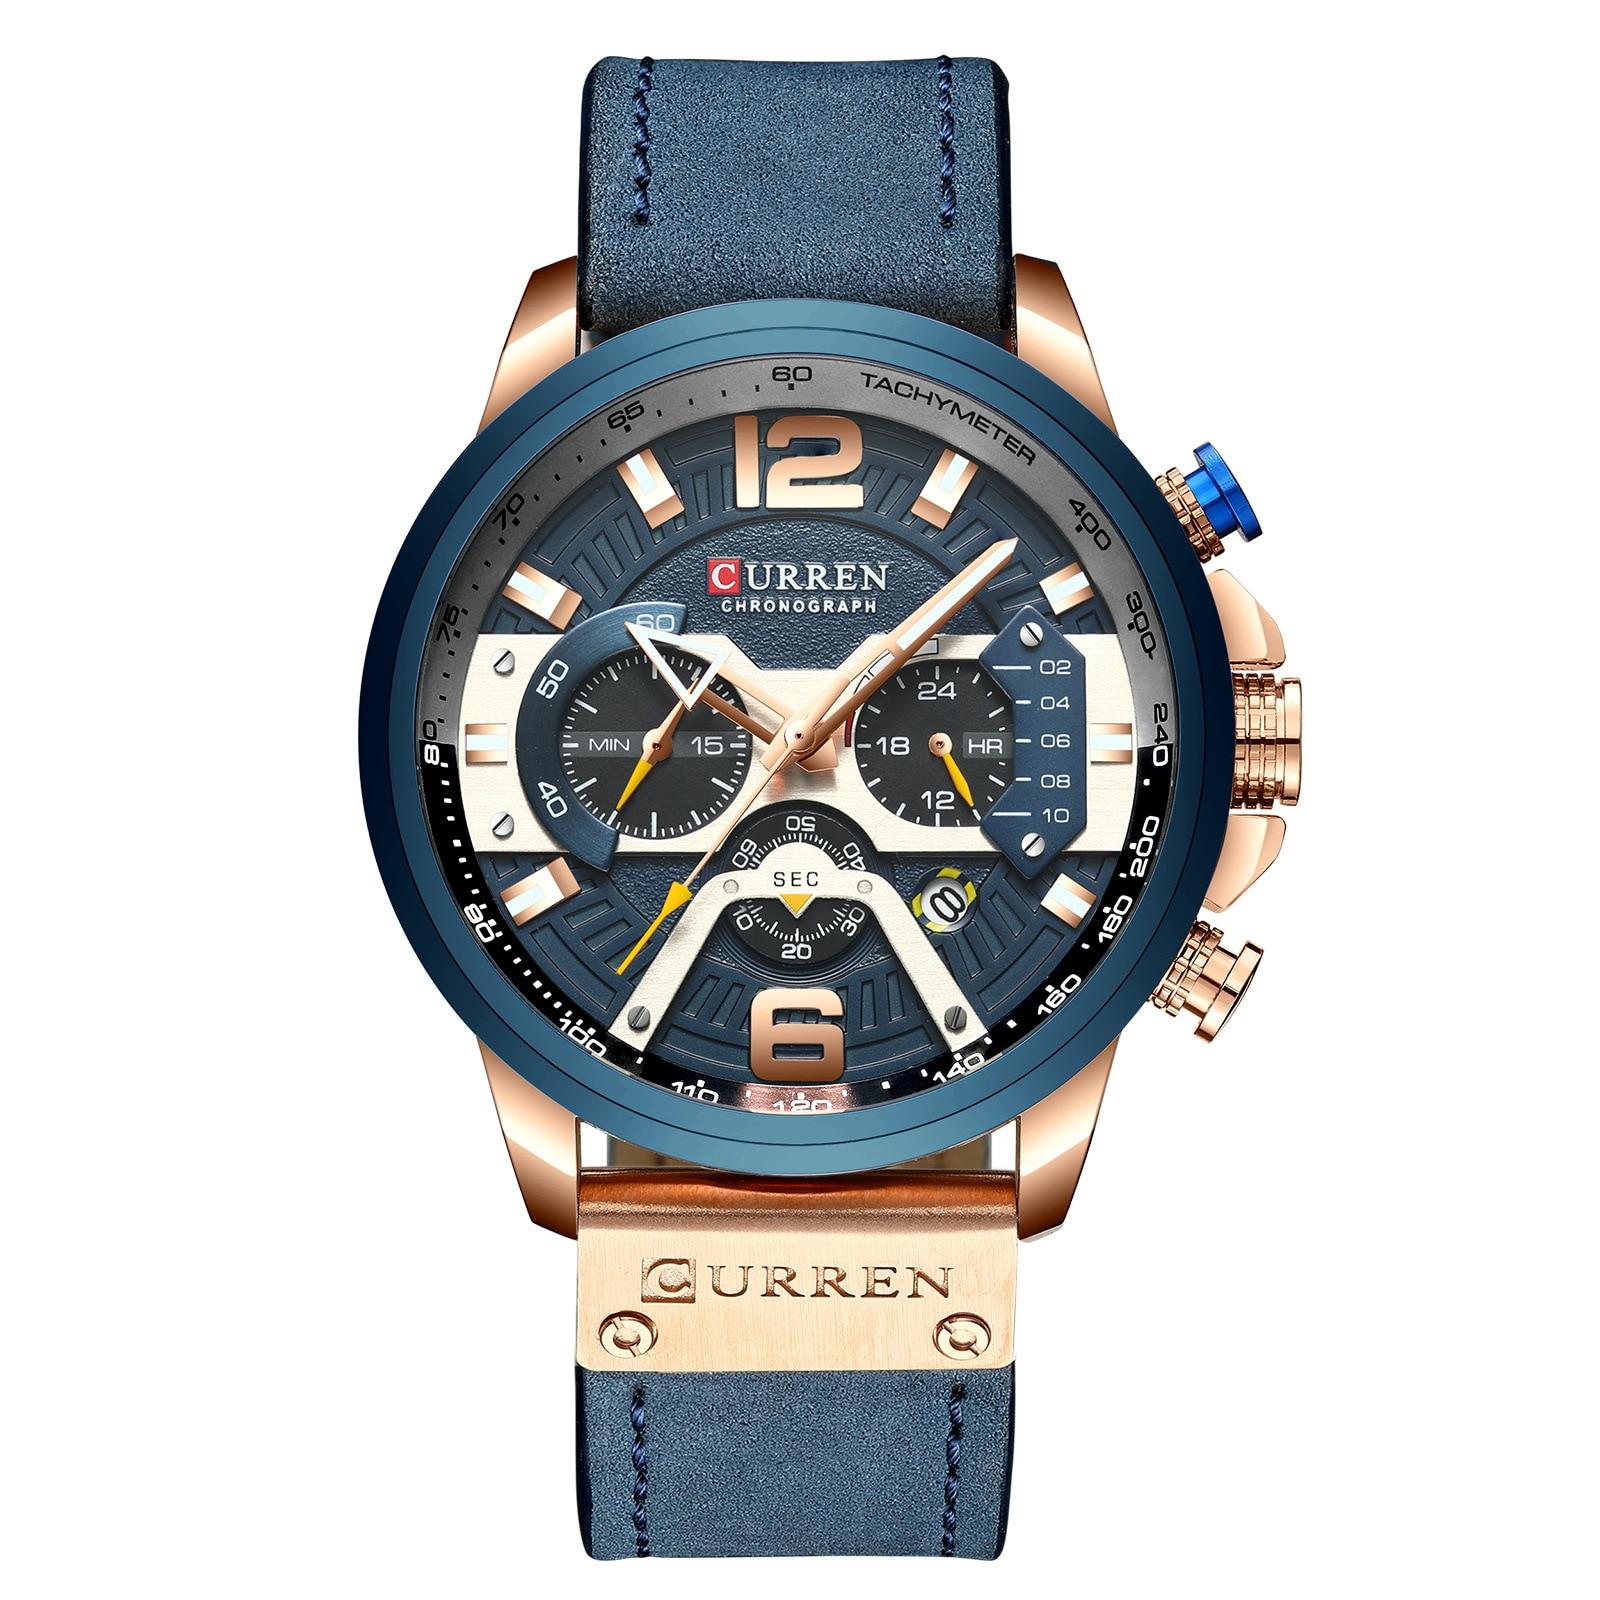 CURREN повседневные спортивные часы для мужчин синий топ бренд Роскошные военные кожаные Наручные часы мужские часы модные наручные часы с